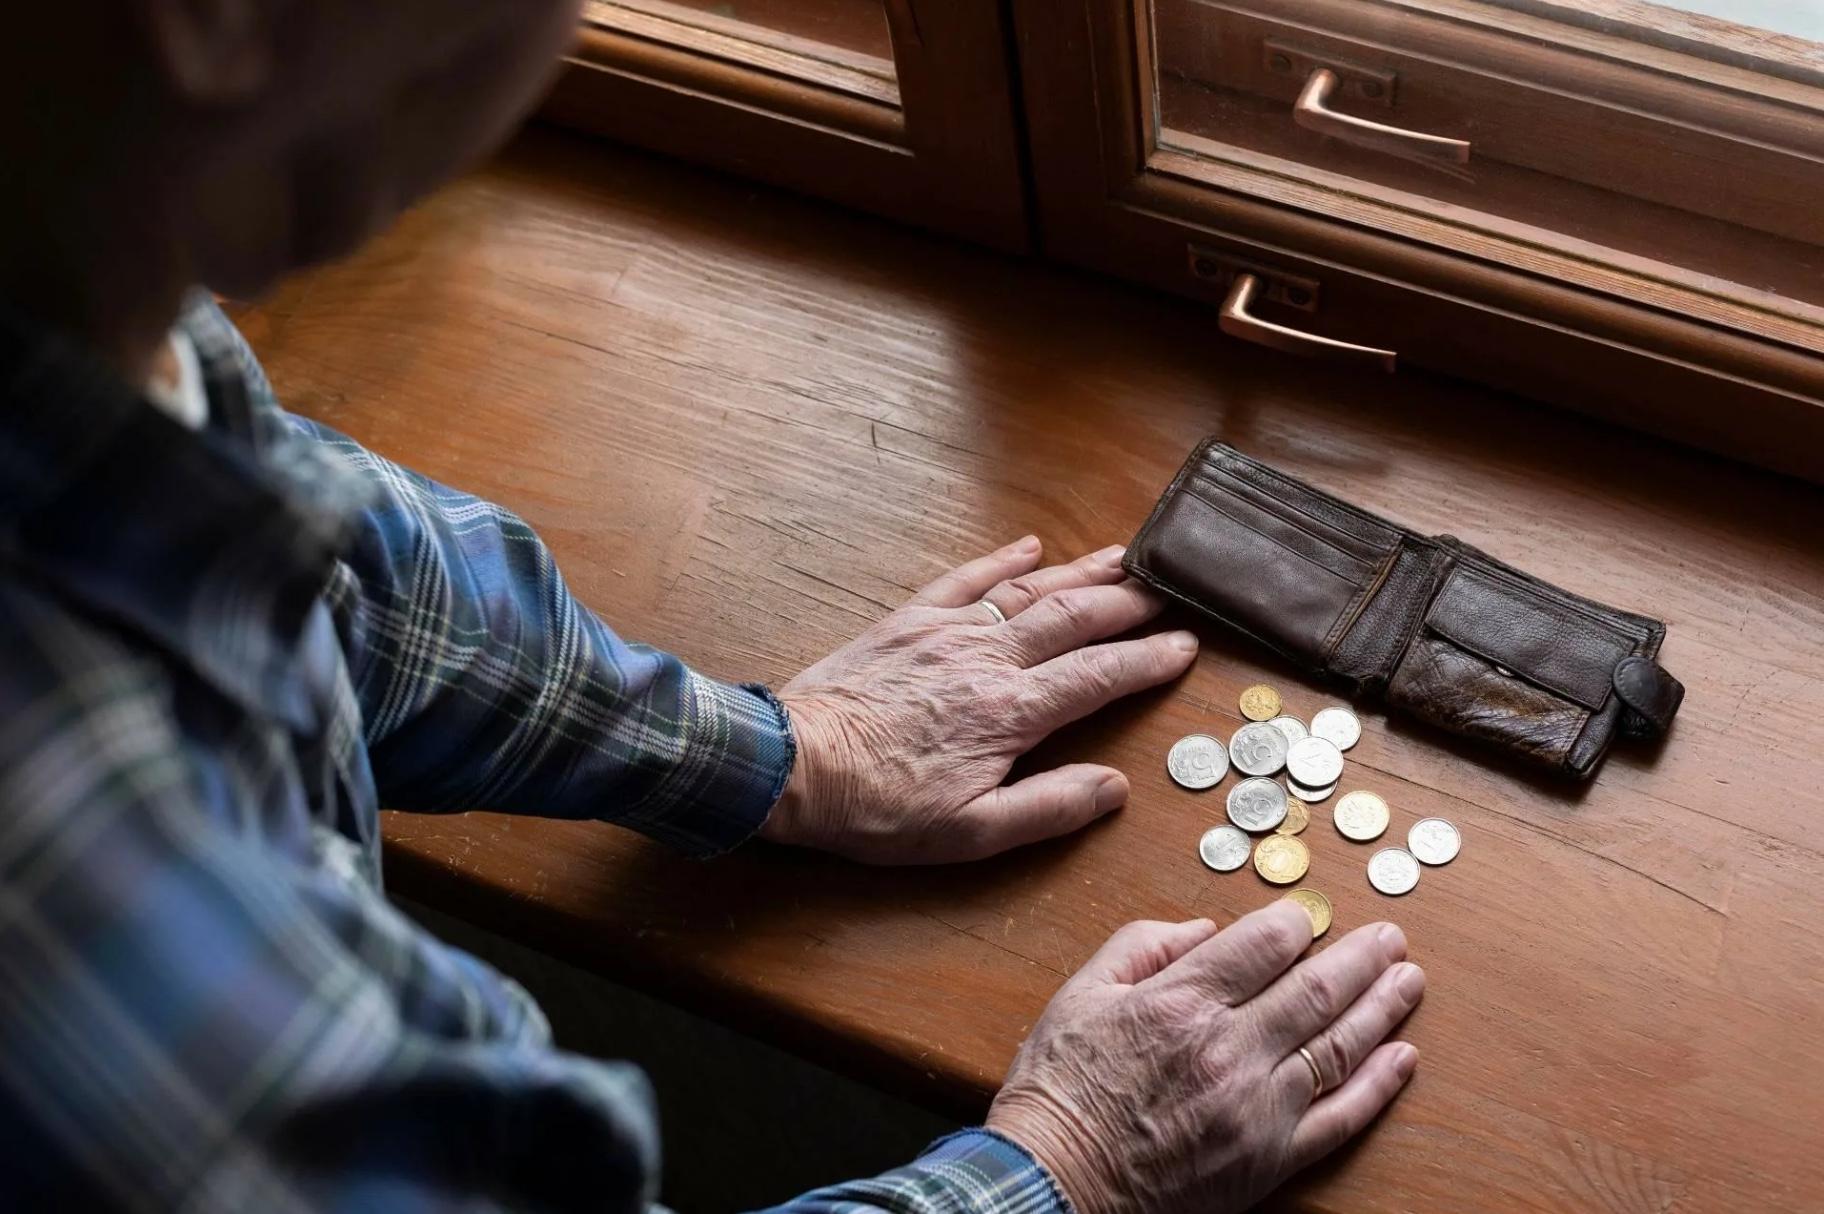 Могут ли приставы снимать пенсию: в каких случаях возможно, суммы снятия